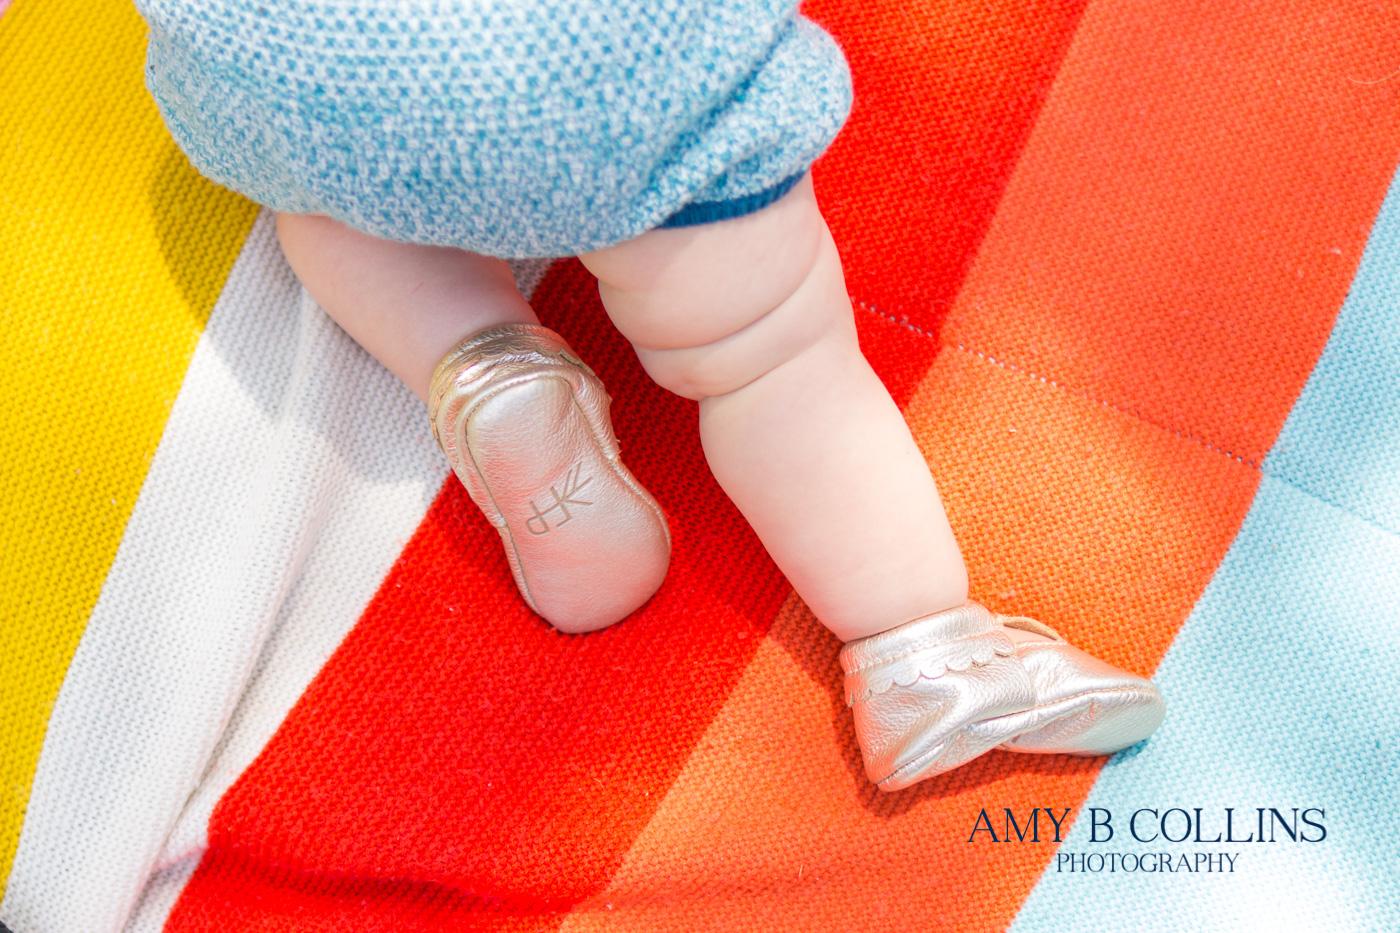 Amy_B_Collins_Photography_Needham Baby Photographer - 14.jpg